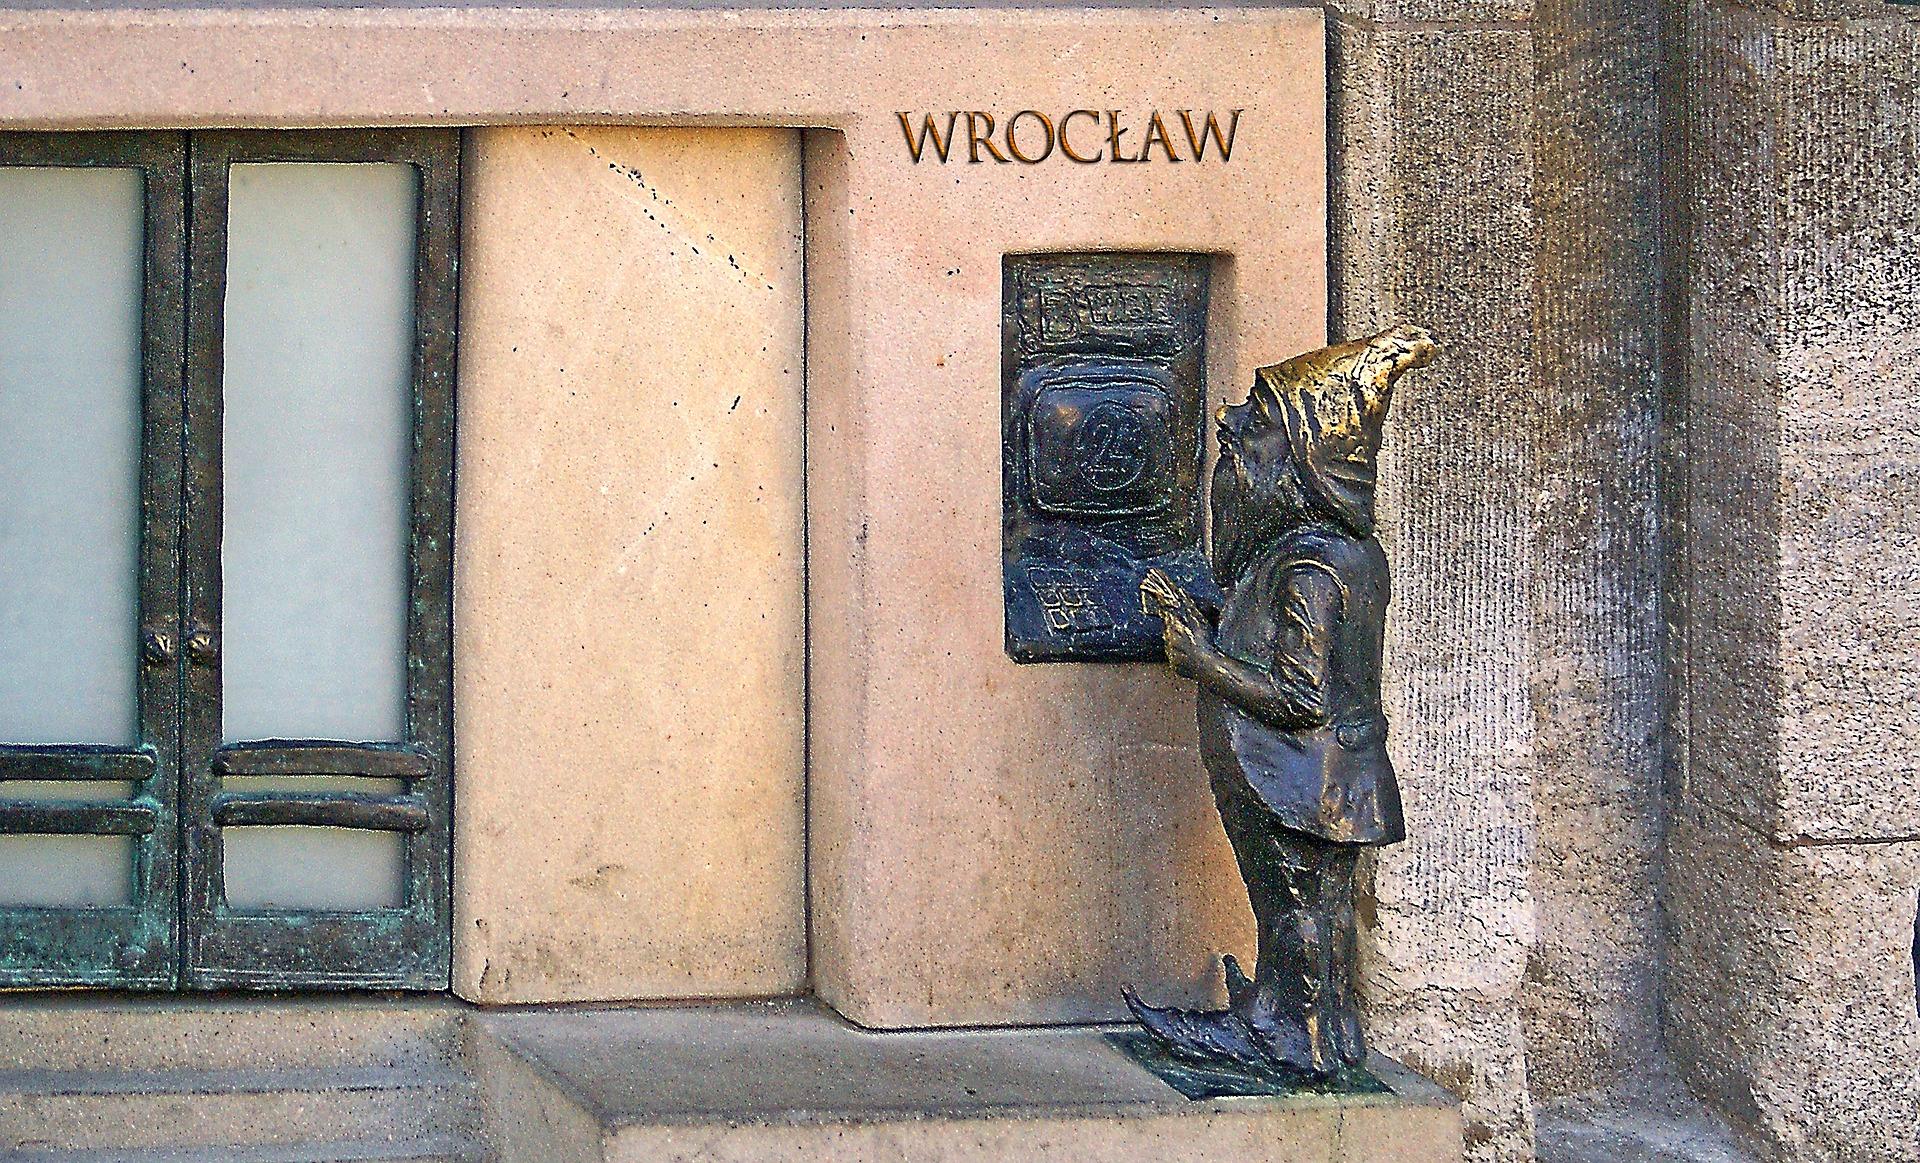 Mieszkania we Wrocławiu są znacznie tańsze niż w Warszawie czy Trójmieście